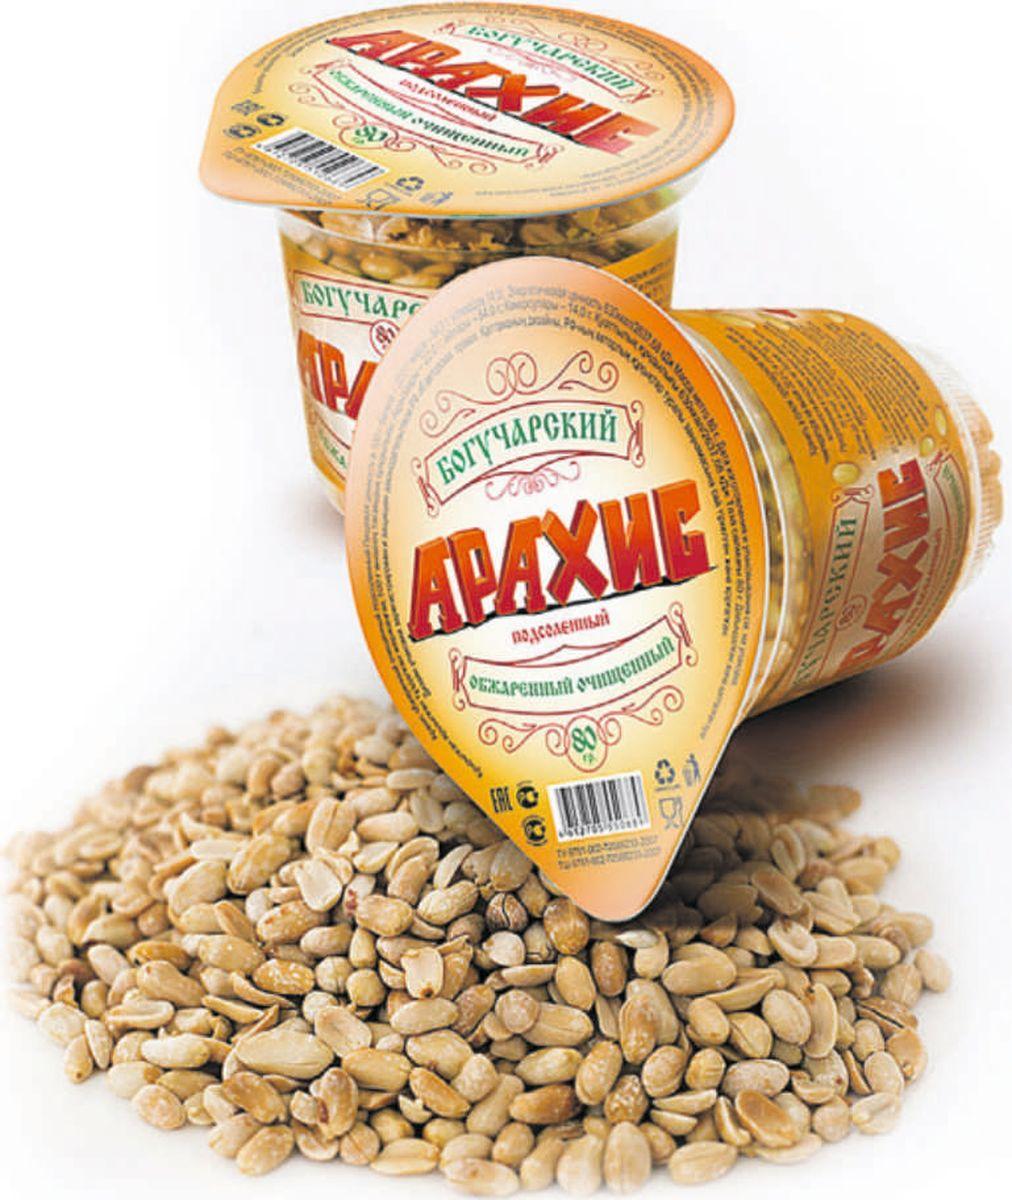 Богучарский арахис обжаренный очищенный подсоленный, 80 г хлебная смесь хлеб золотистый